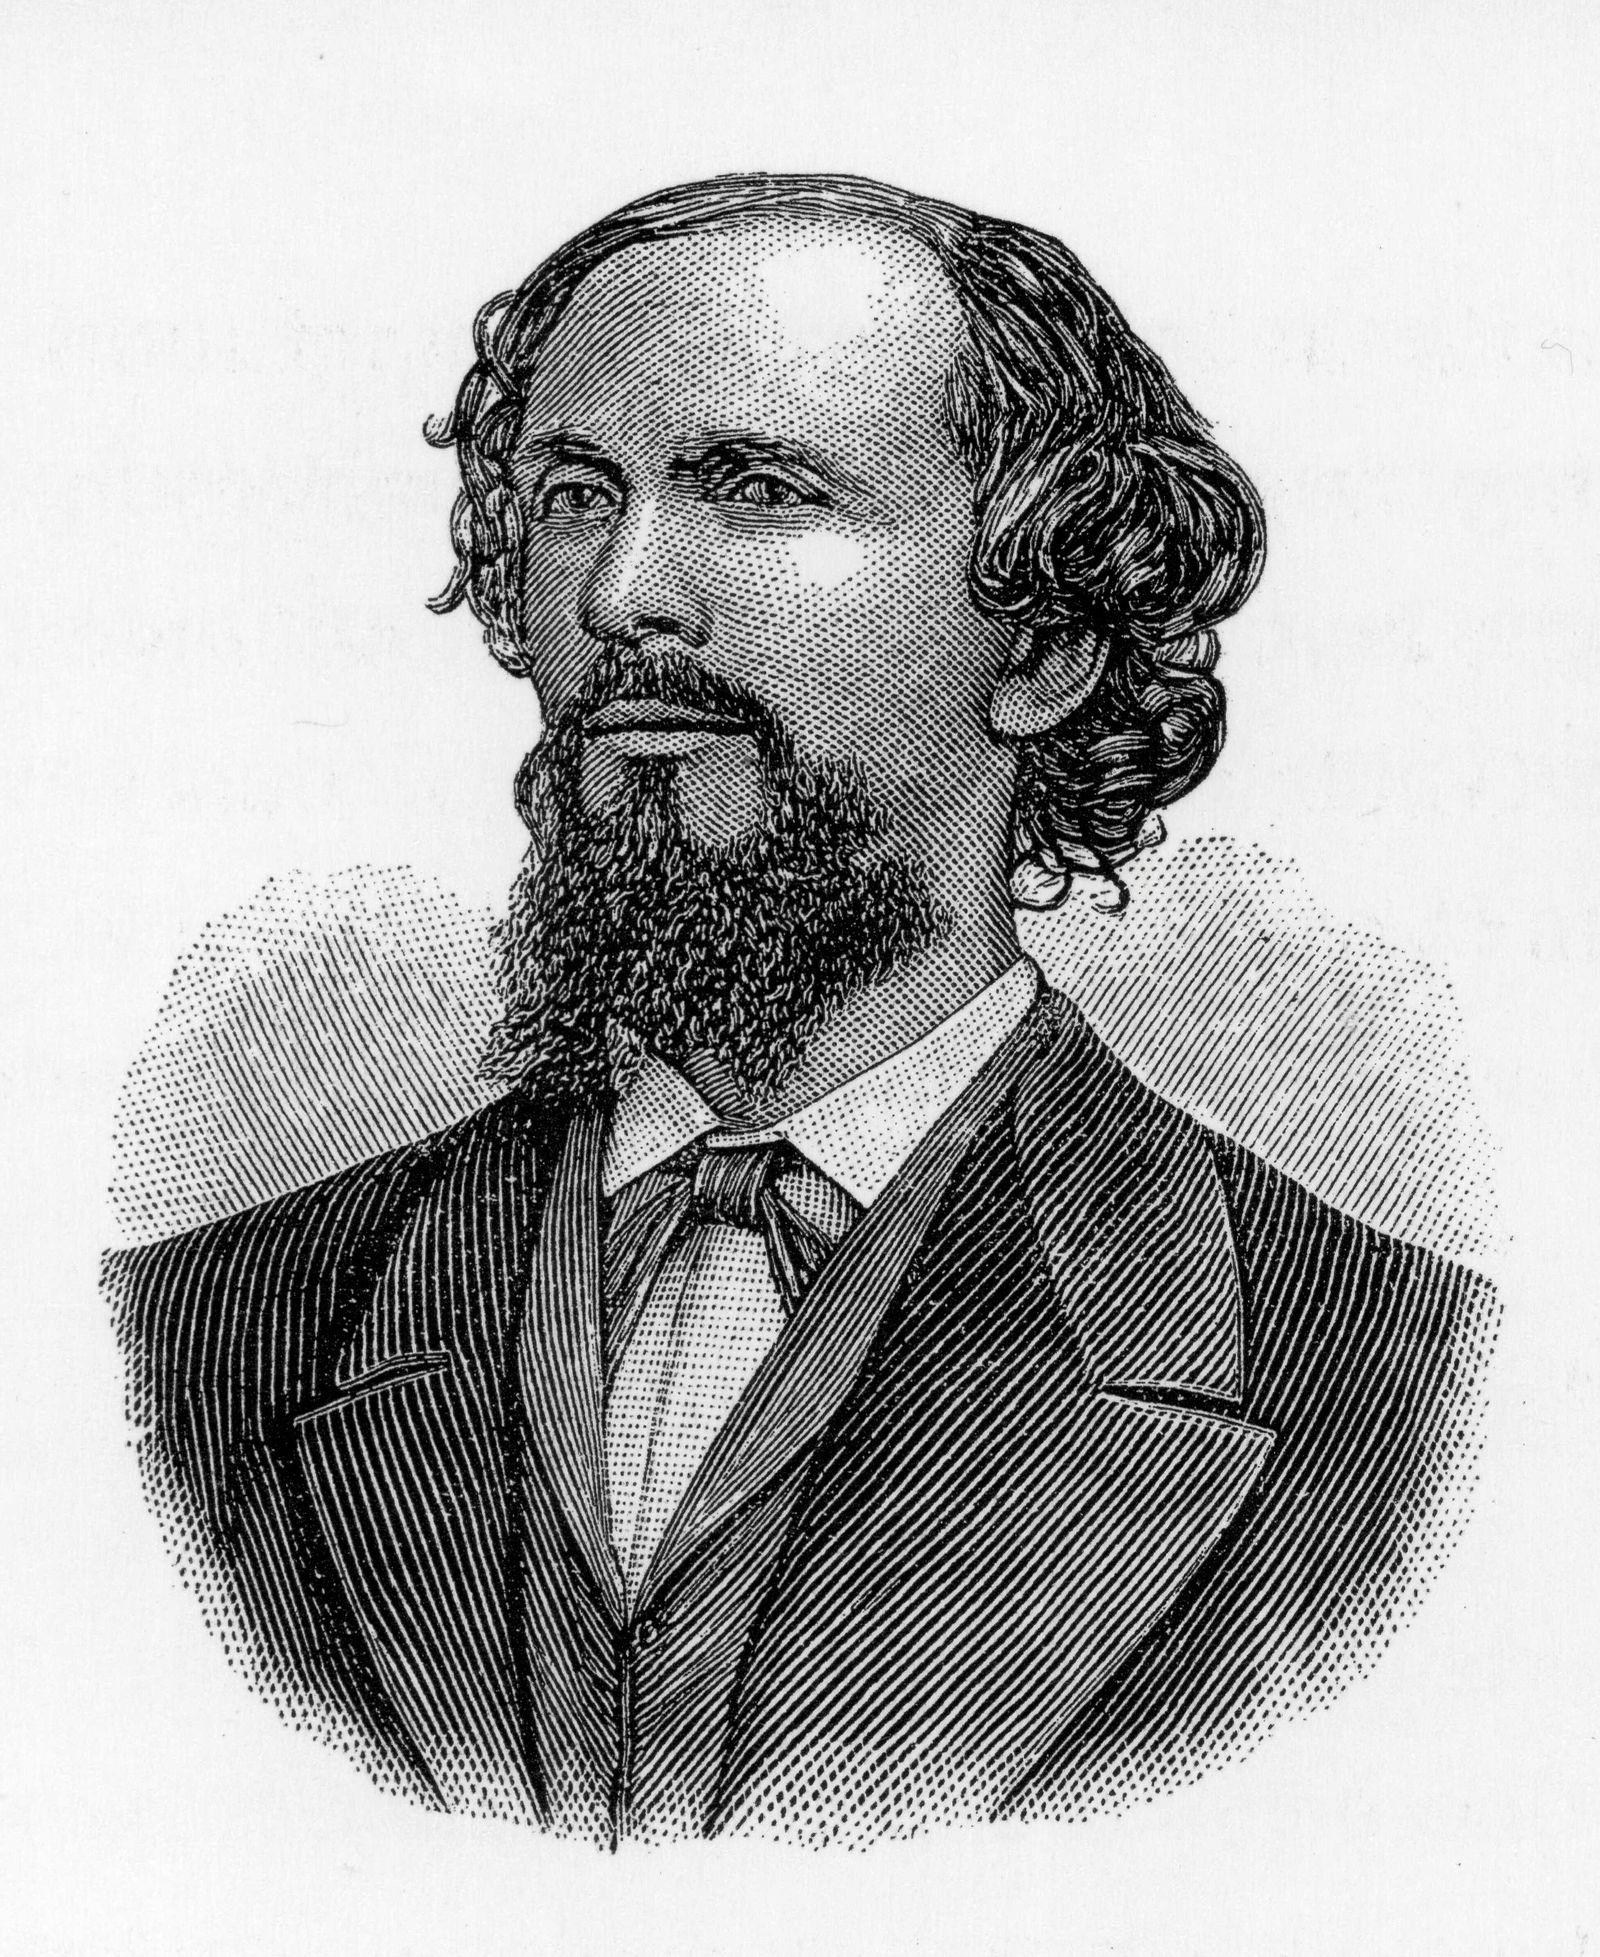 Portrait of Karl Heinrich Ulrichs. Appeared originally in Jahrbuch für sexuelle Zwischenstufen, vol. 1 (1899), p. 35. (Historical Views)